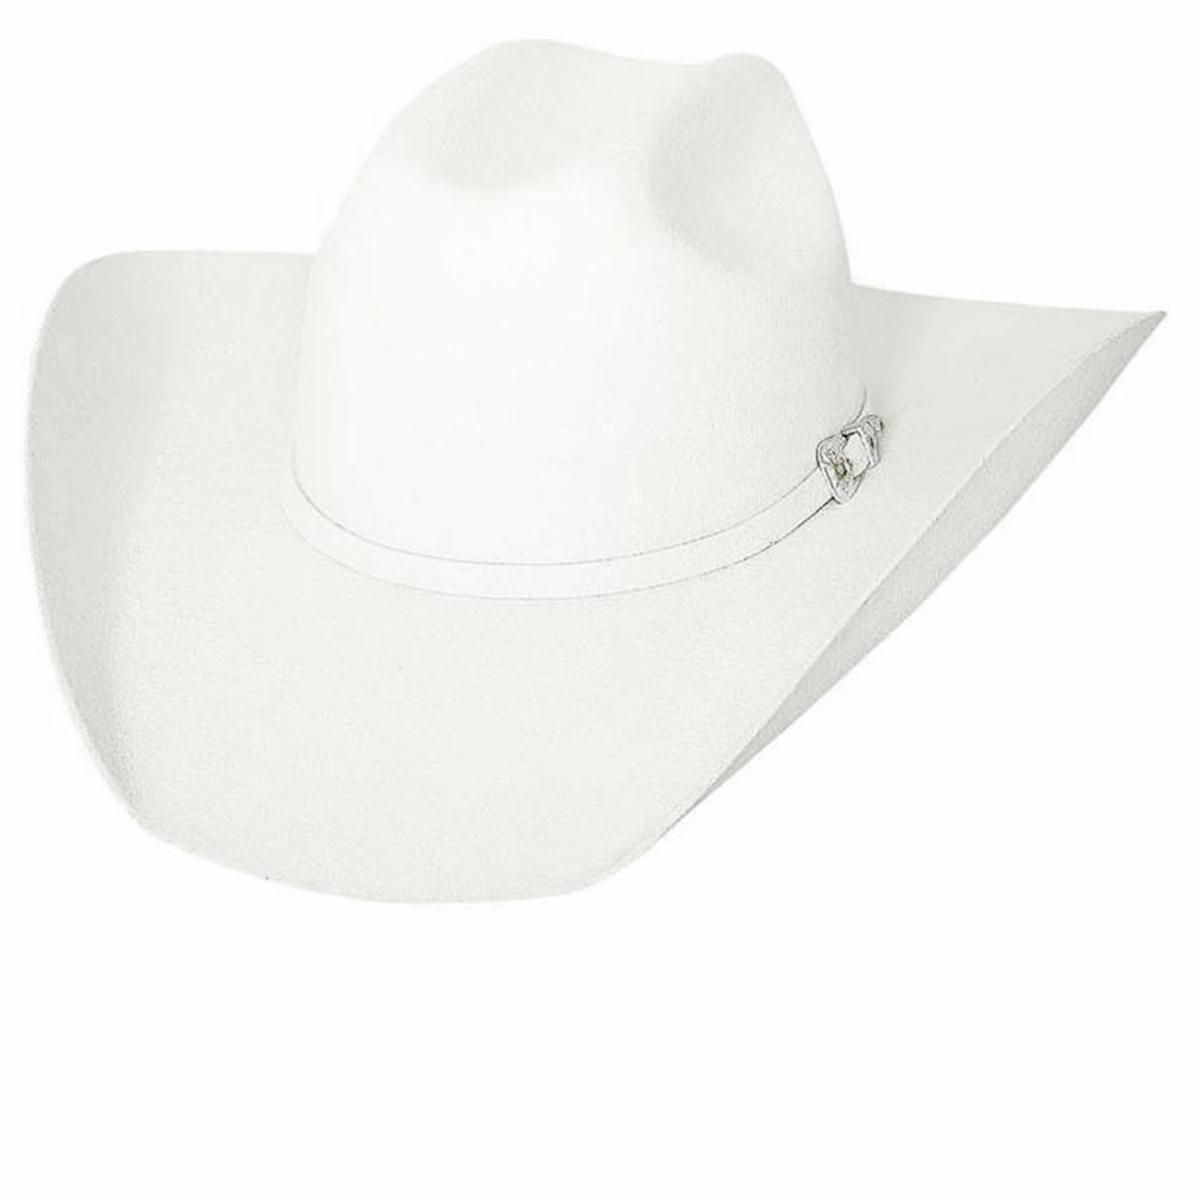 画像1: ブルハイド 8X ファーブレンド カウボーイハット(ホワイト)/Bullhide Cowboy Hat